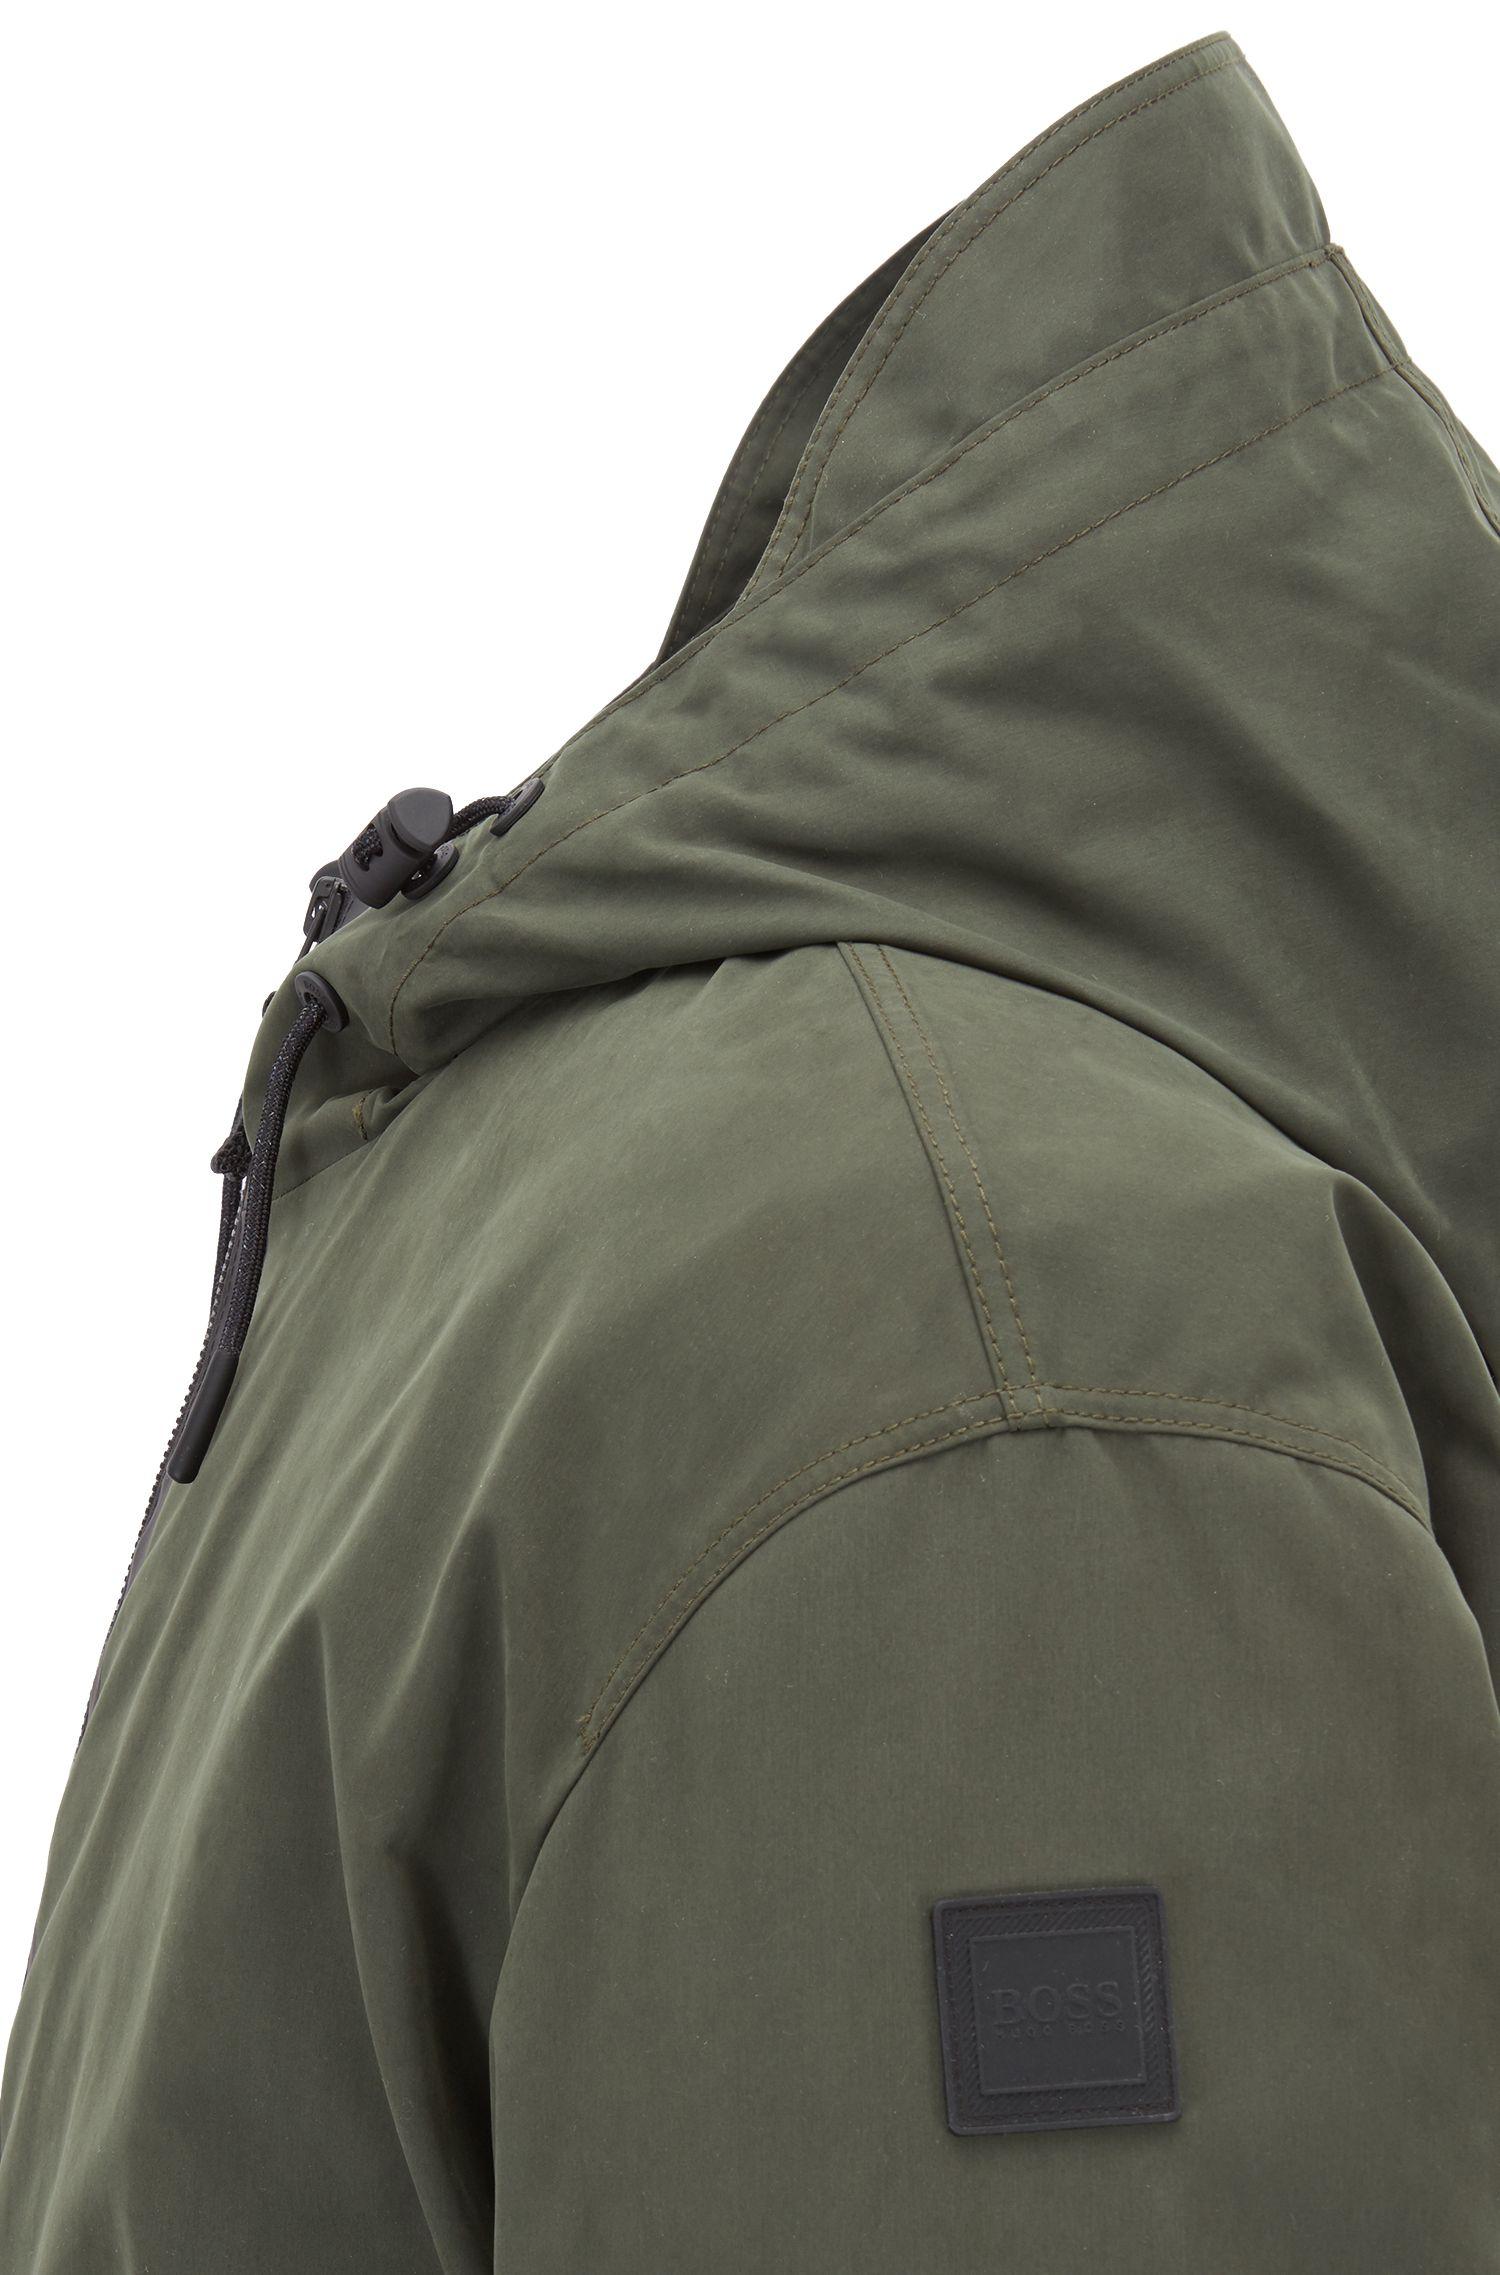 Parka à capuche 4en1, en tissu imperméable, Vert sombre